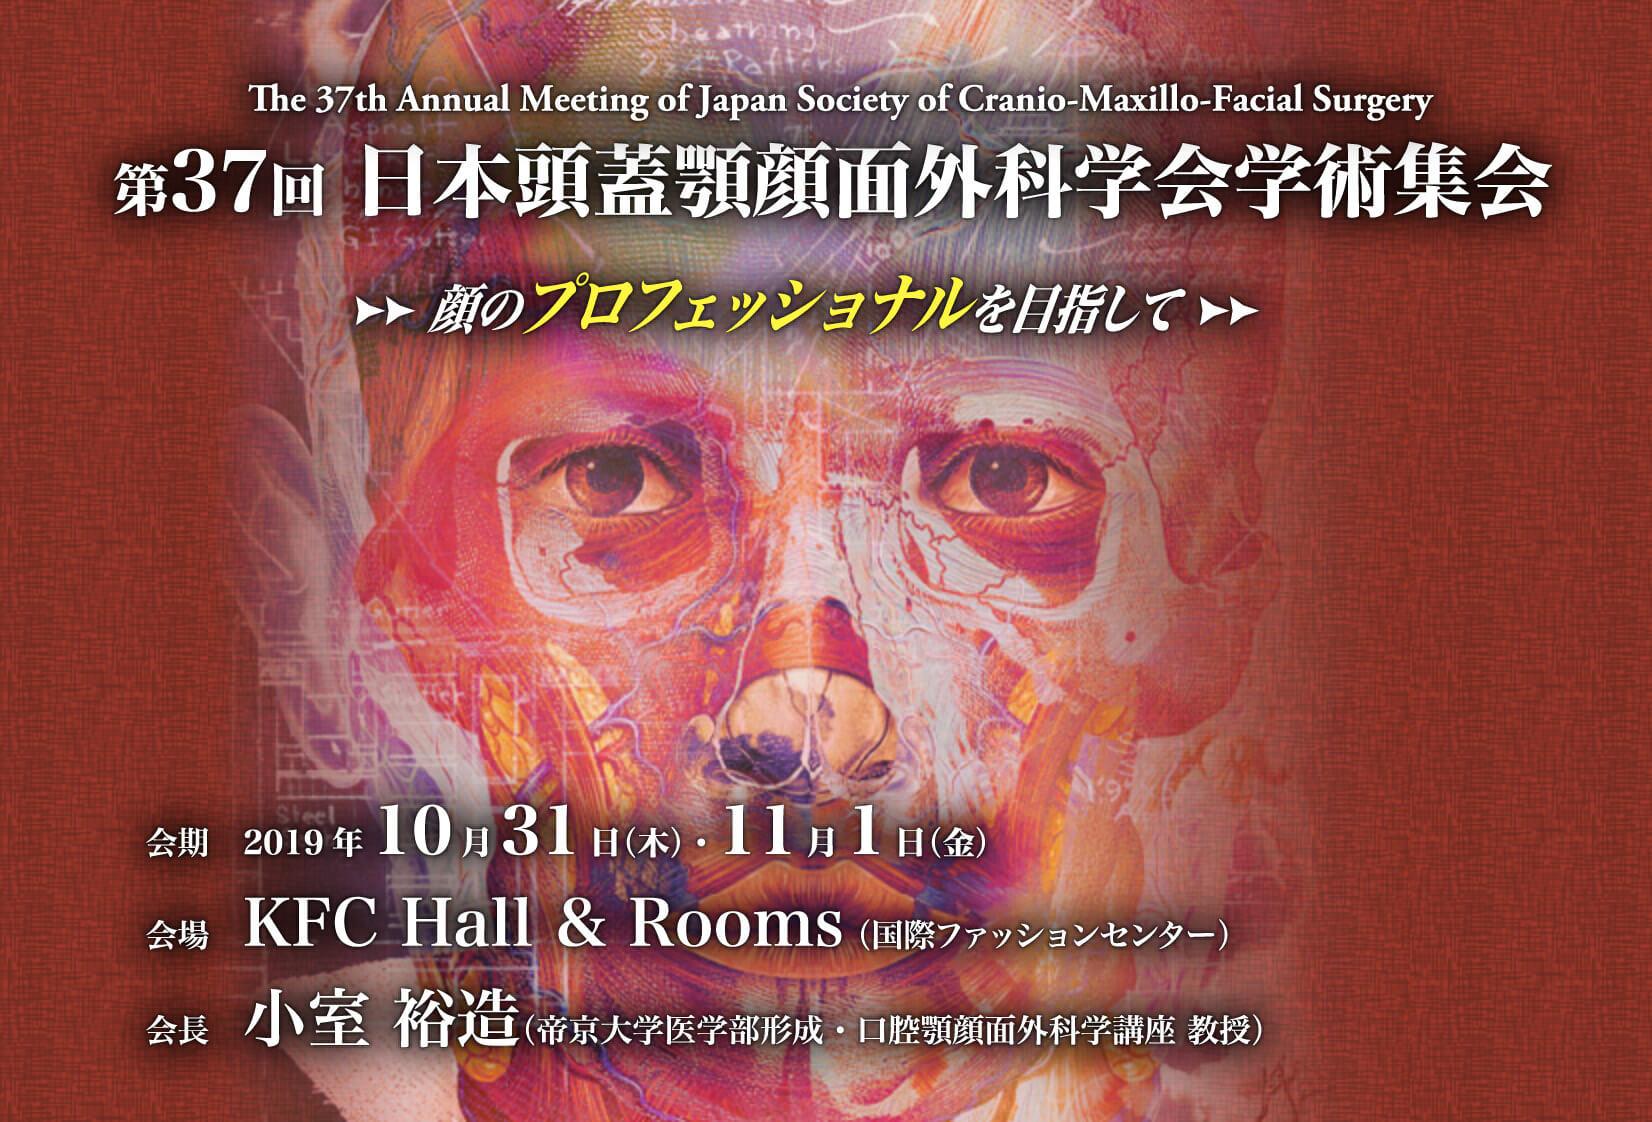 小室先生が日本頭蓋顎顔面外科学会学術集会の会長を務めます。